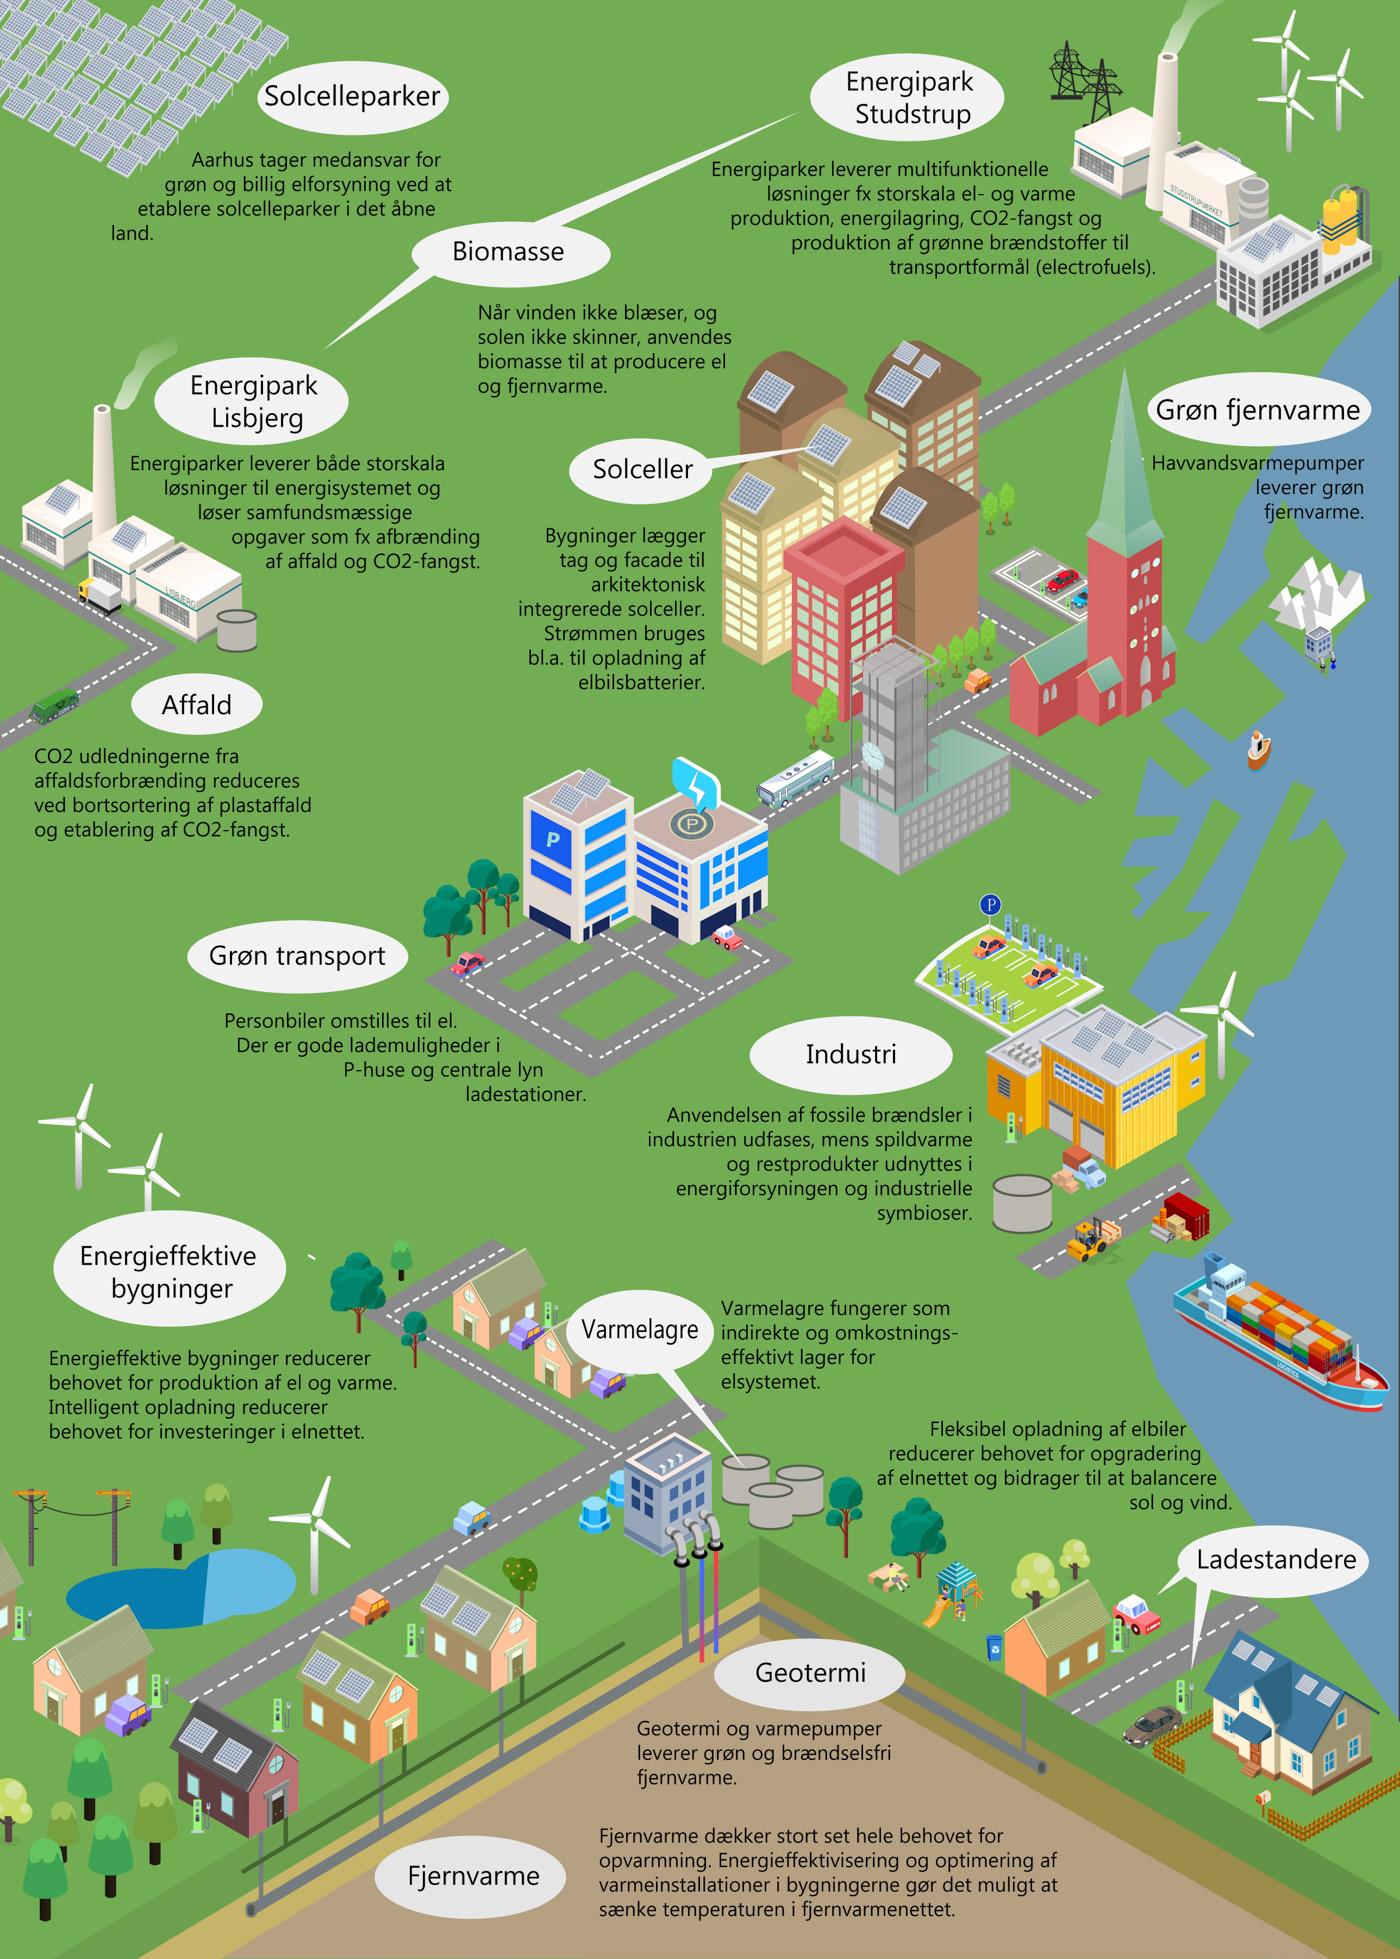 CO2-neutral i 2030: 8,4 mia. kr. til mere grøn energi i Aarhus